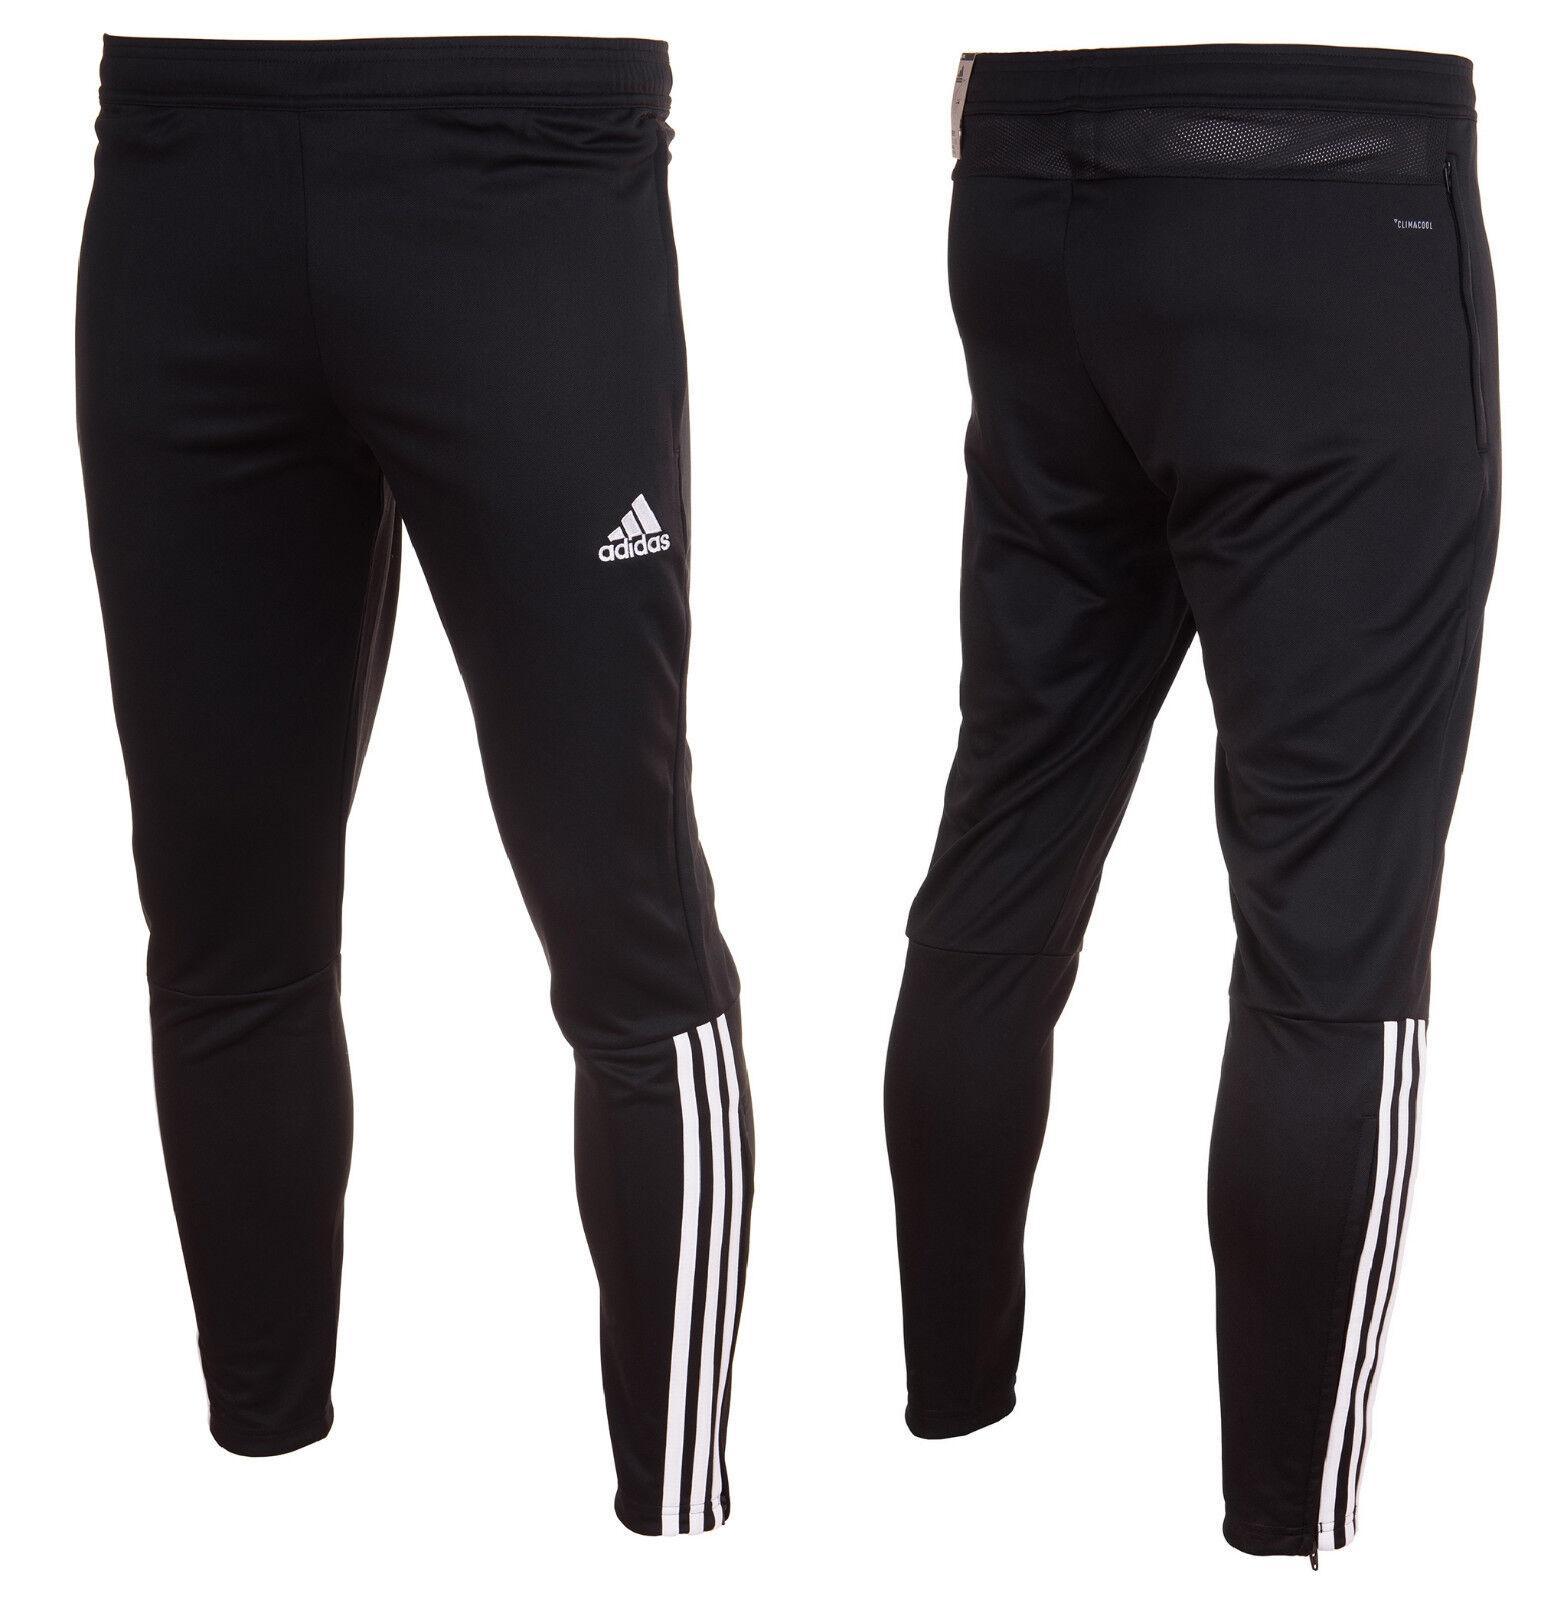 schönen Glanz 2019 heißer verkauf akribische Färbeprozesse Adidas Hose Herren Vergleich Test +++ Adidas Hose Herren ...